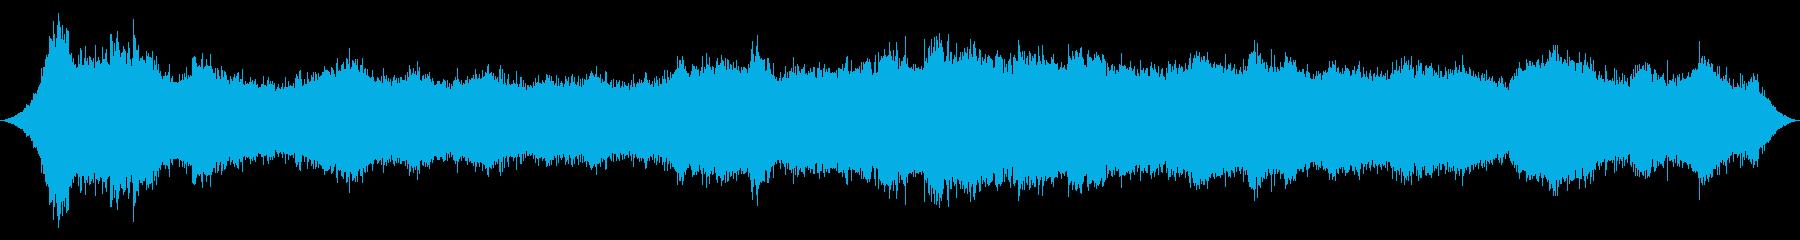 ヤシの木を貫く激しい突風の再生済みの波形